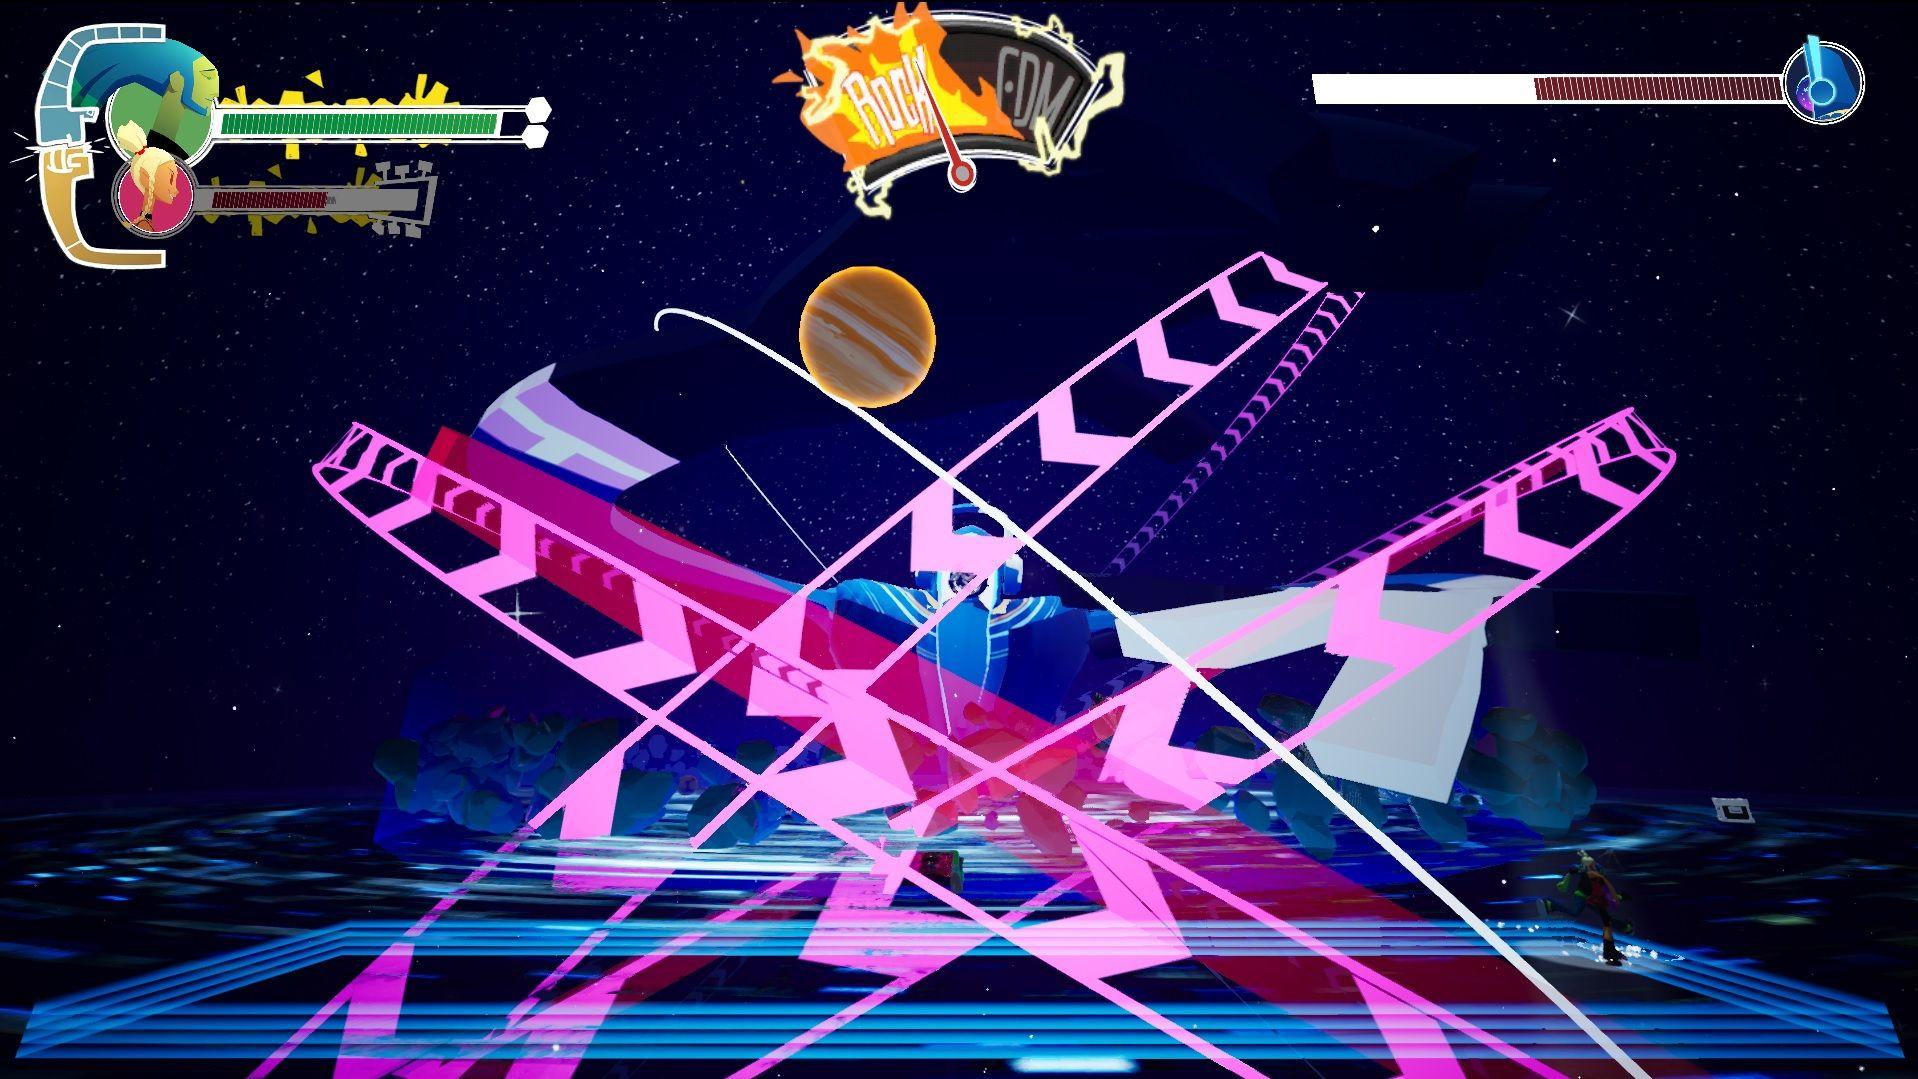 Una captura de pantalla de la primera pelea de jefes en No Straight Roads.  En el centro de la pantalla, un gran robot con una bola de discoteca por cabeza está haciendo girar a su alrededor otras bolas de discoteca con forma de planetas, como si fuera el centro del universo.  Los jugadores deben evitar su camino, telegrafiados por flechas rosas.